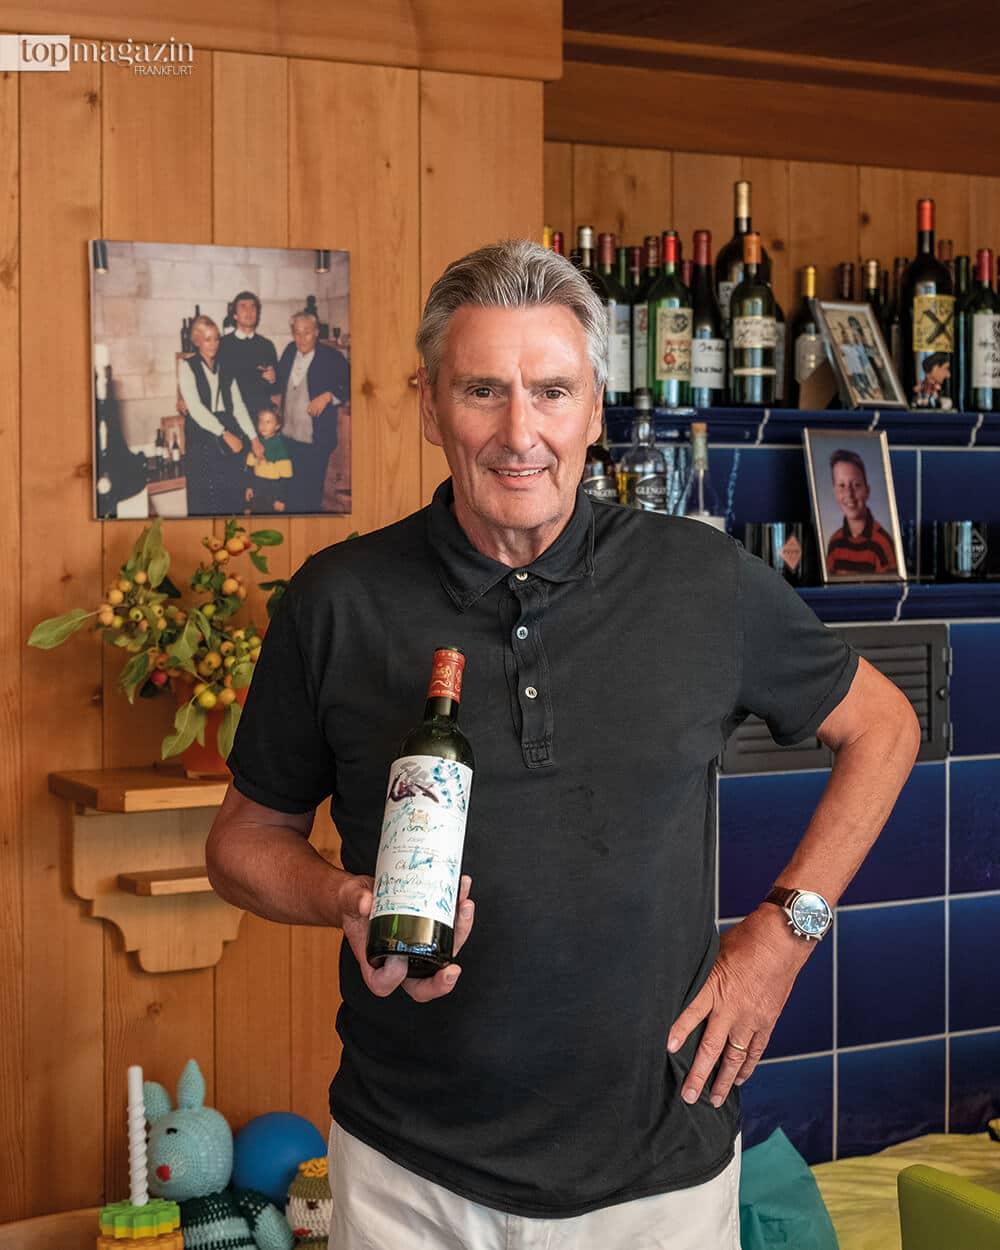 Weinkenner Dieter Müller mit einer ausgetrunkenen Erinnerungsflasche Château Mouton-Rothschild 1996